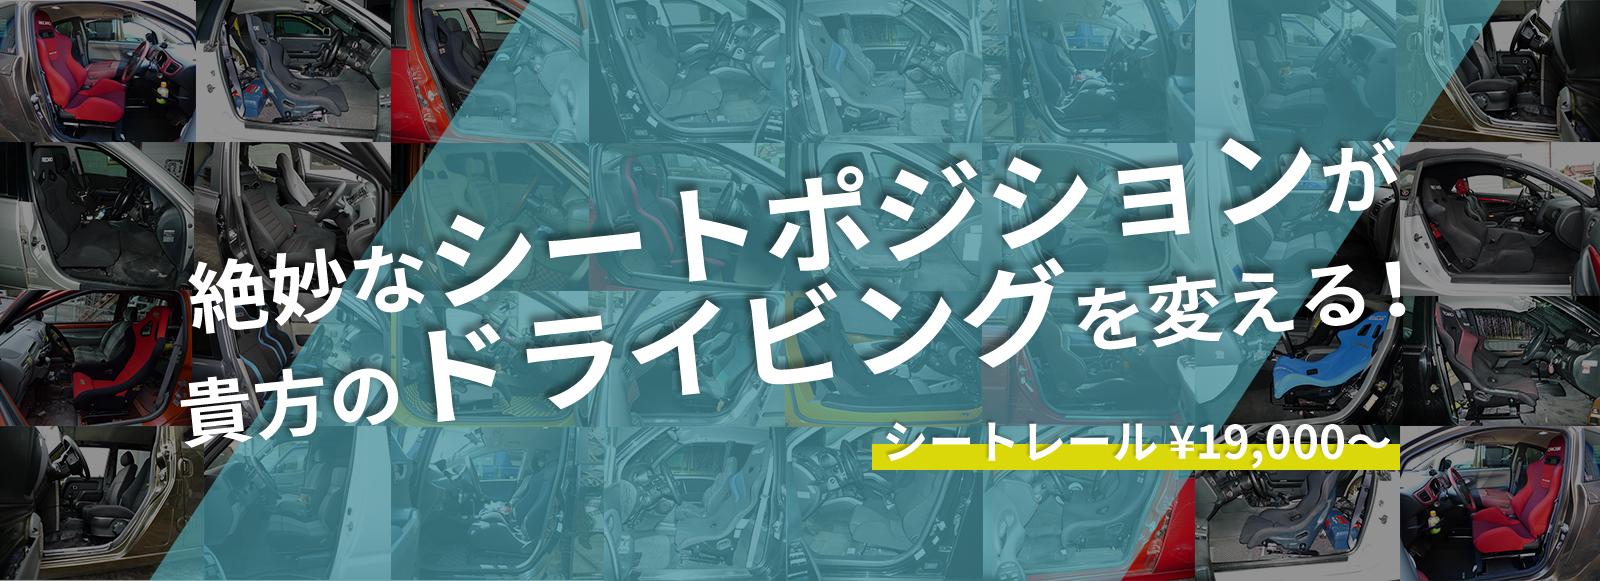 絶妙なシートポジションが貴方のドライビングを変える!シートレール\19,000~